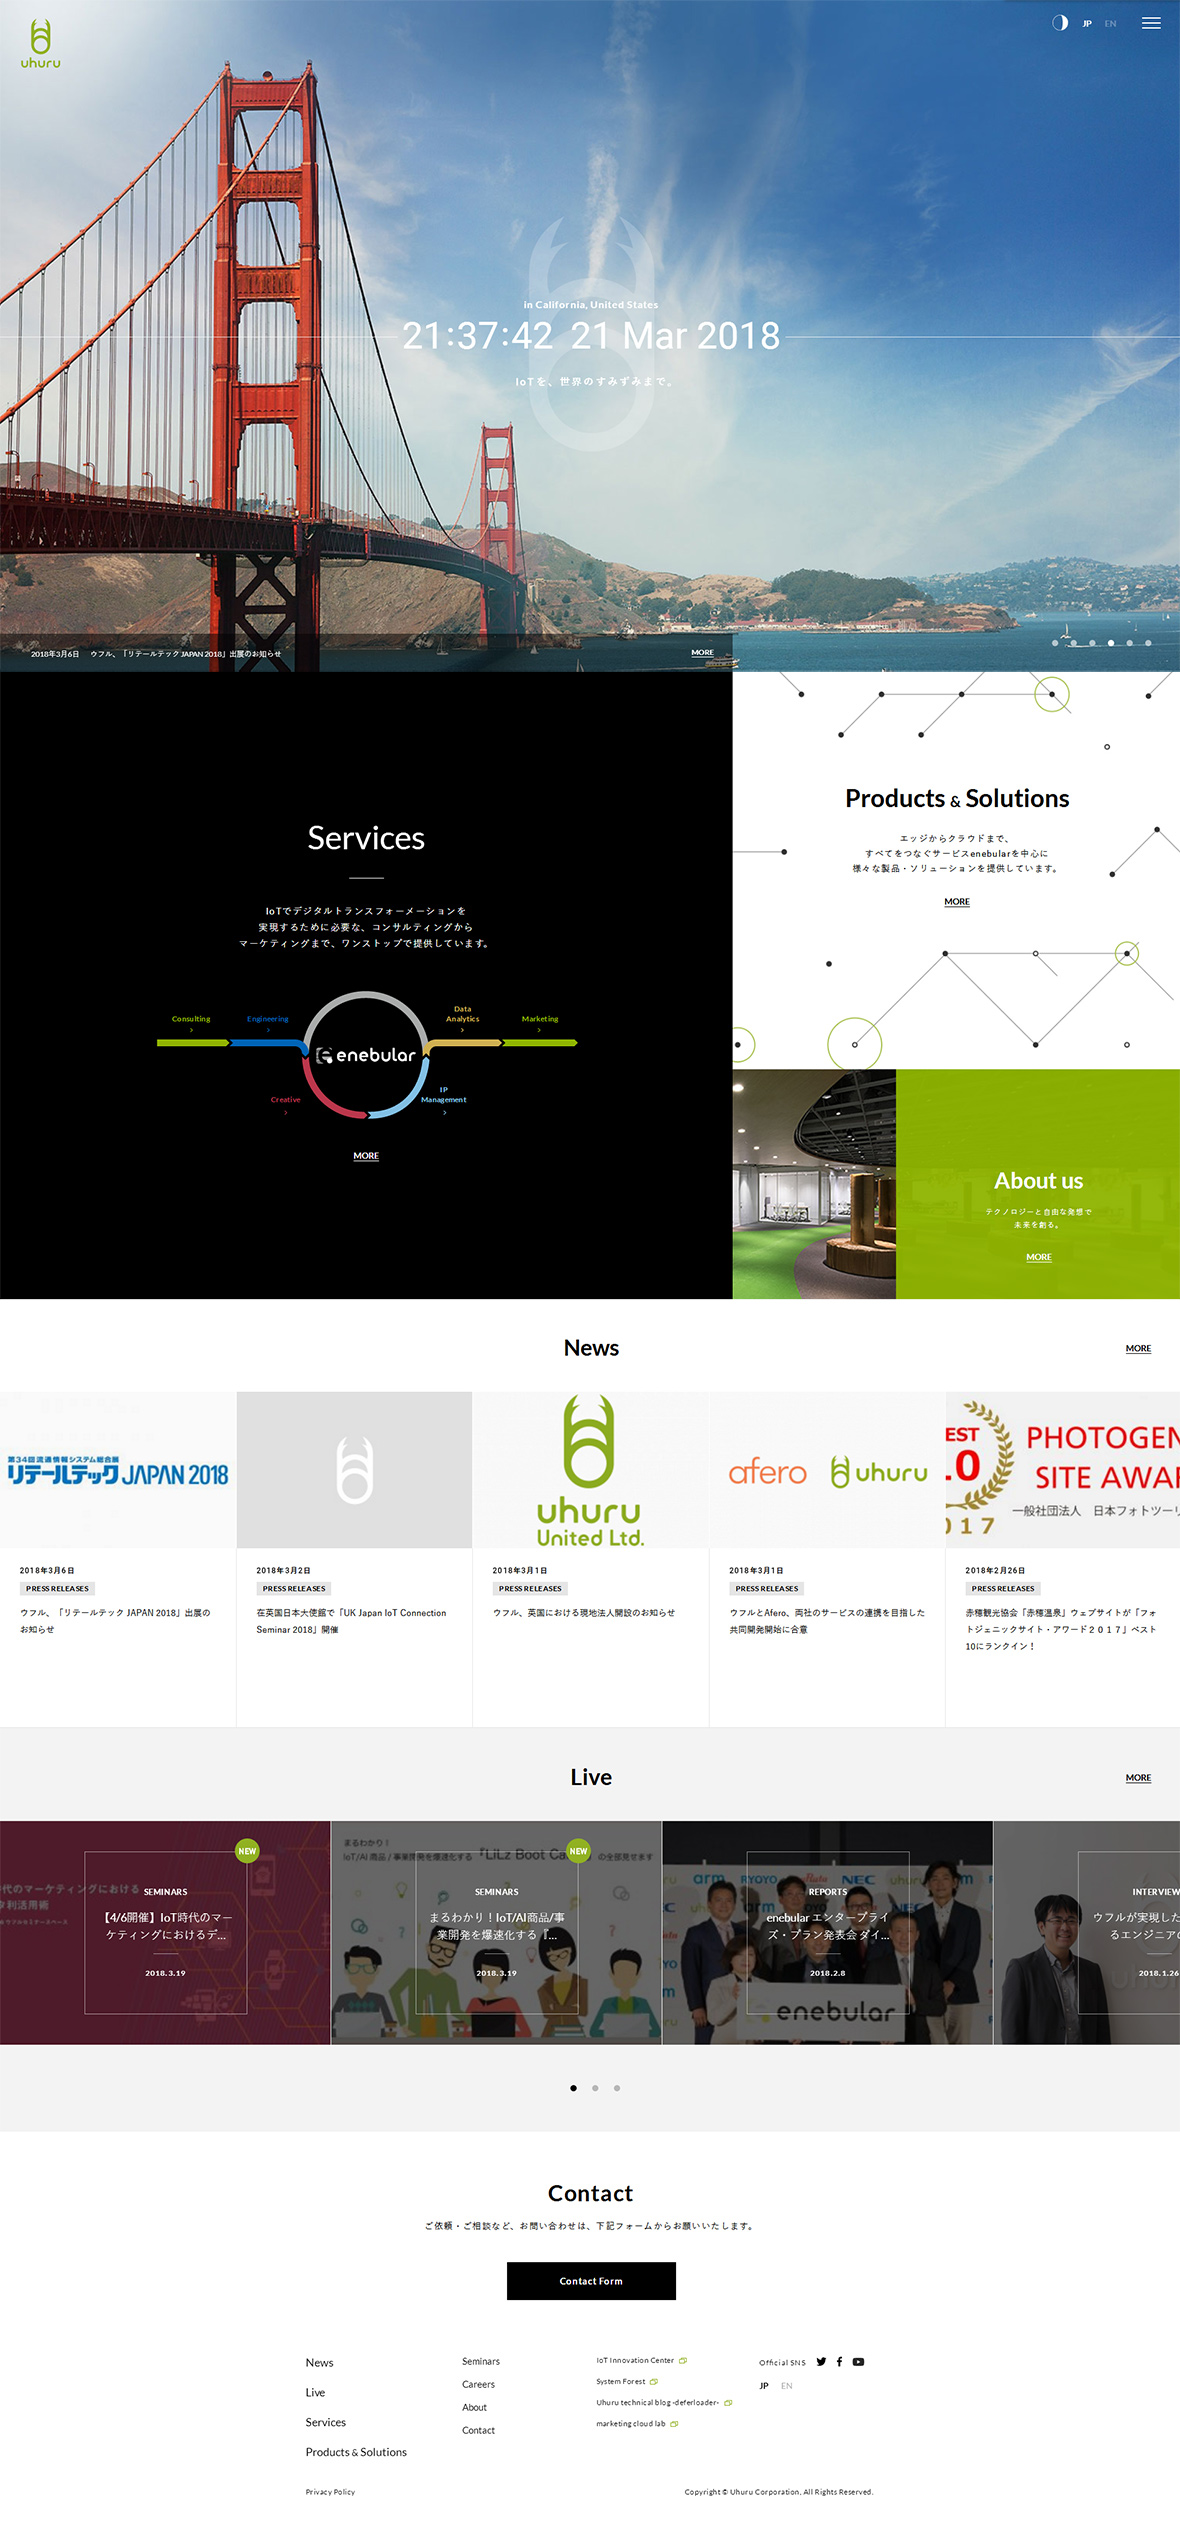 Uhuru 株式会社ウフ-创意,网页设计,创意设计,创意网站,网站设计,创意作品,设计作品,网站欣赏,优,ui设计,设计,设计师,优秀设计